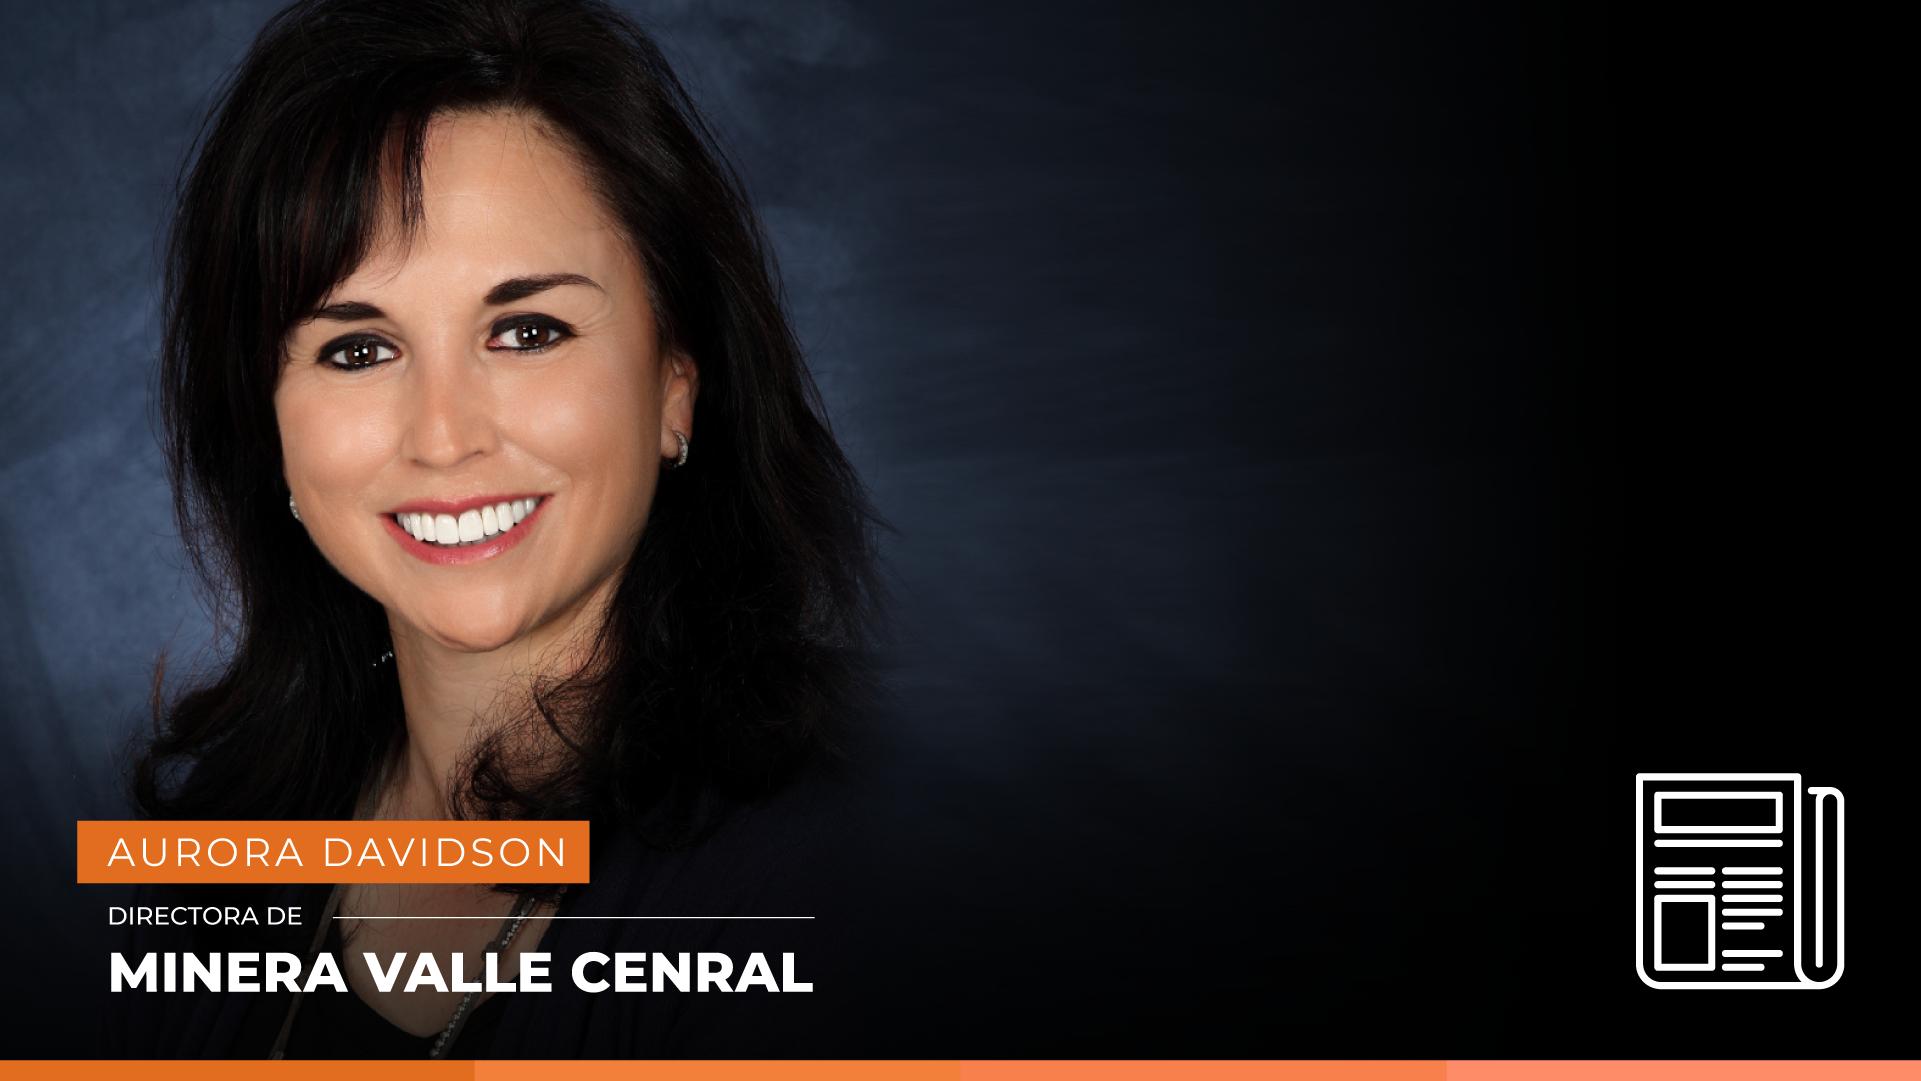 Aurora Davidson, Directora de Minera Valle Central.